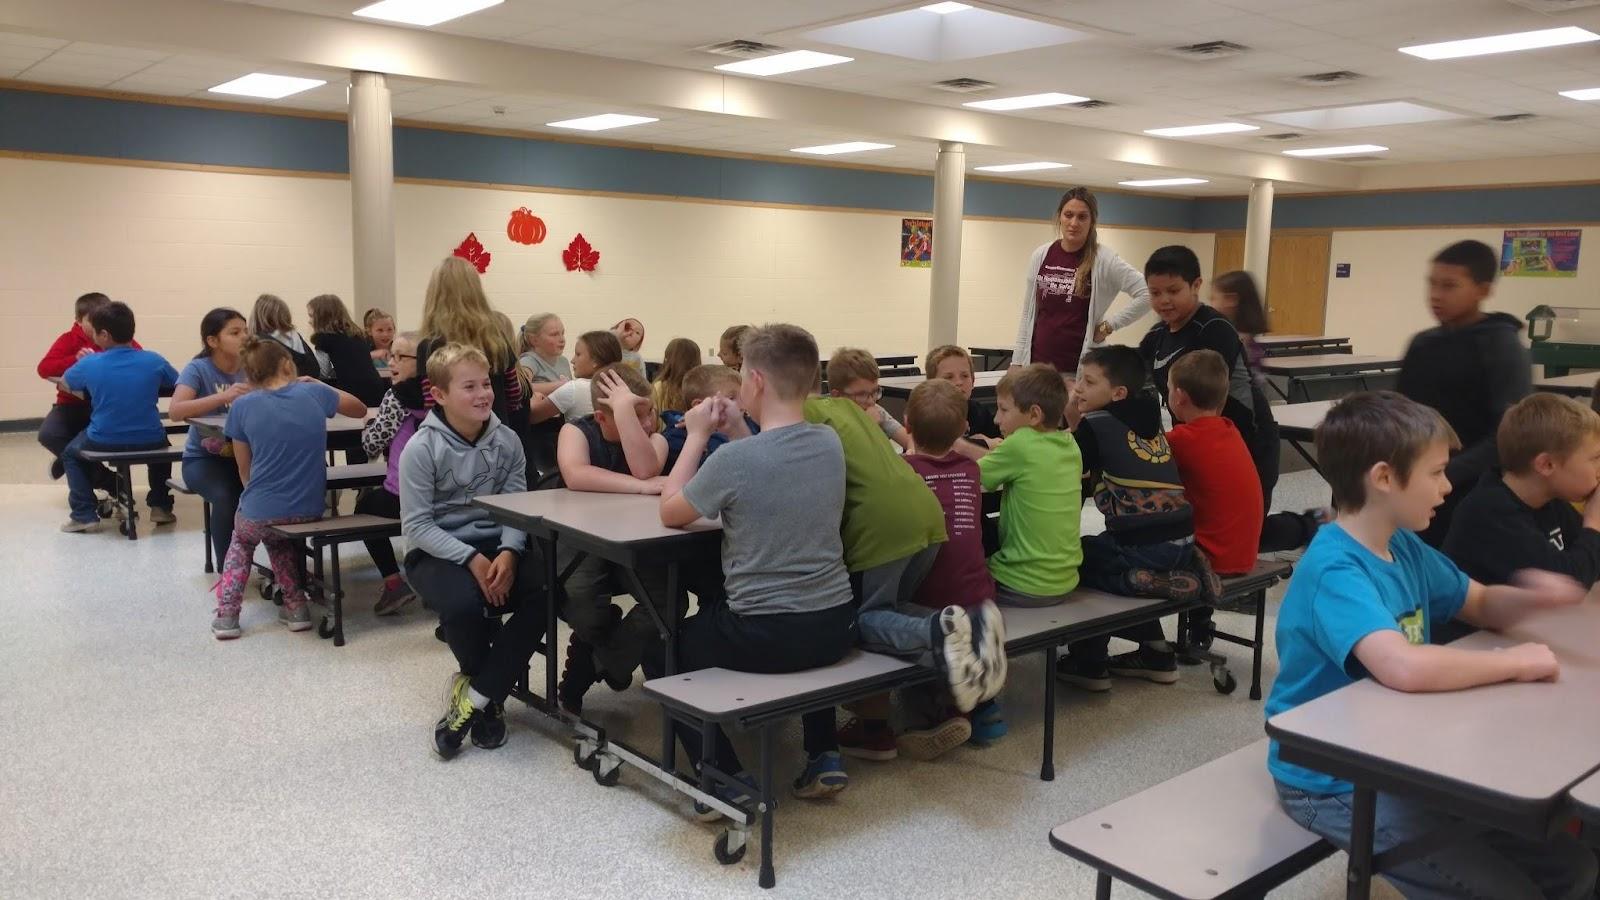 cafeteria behavior demo